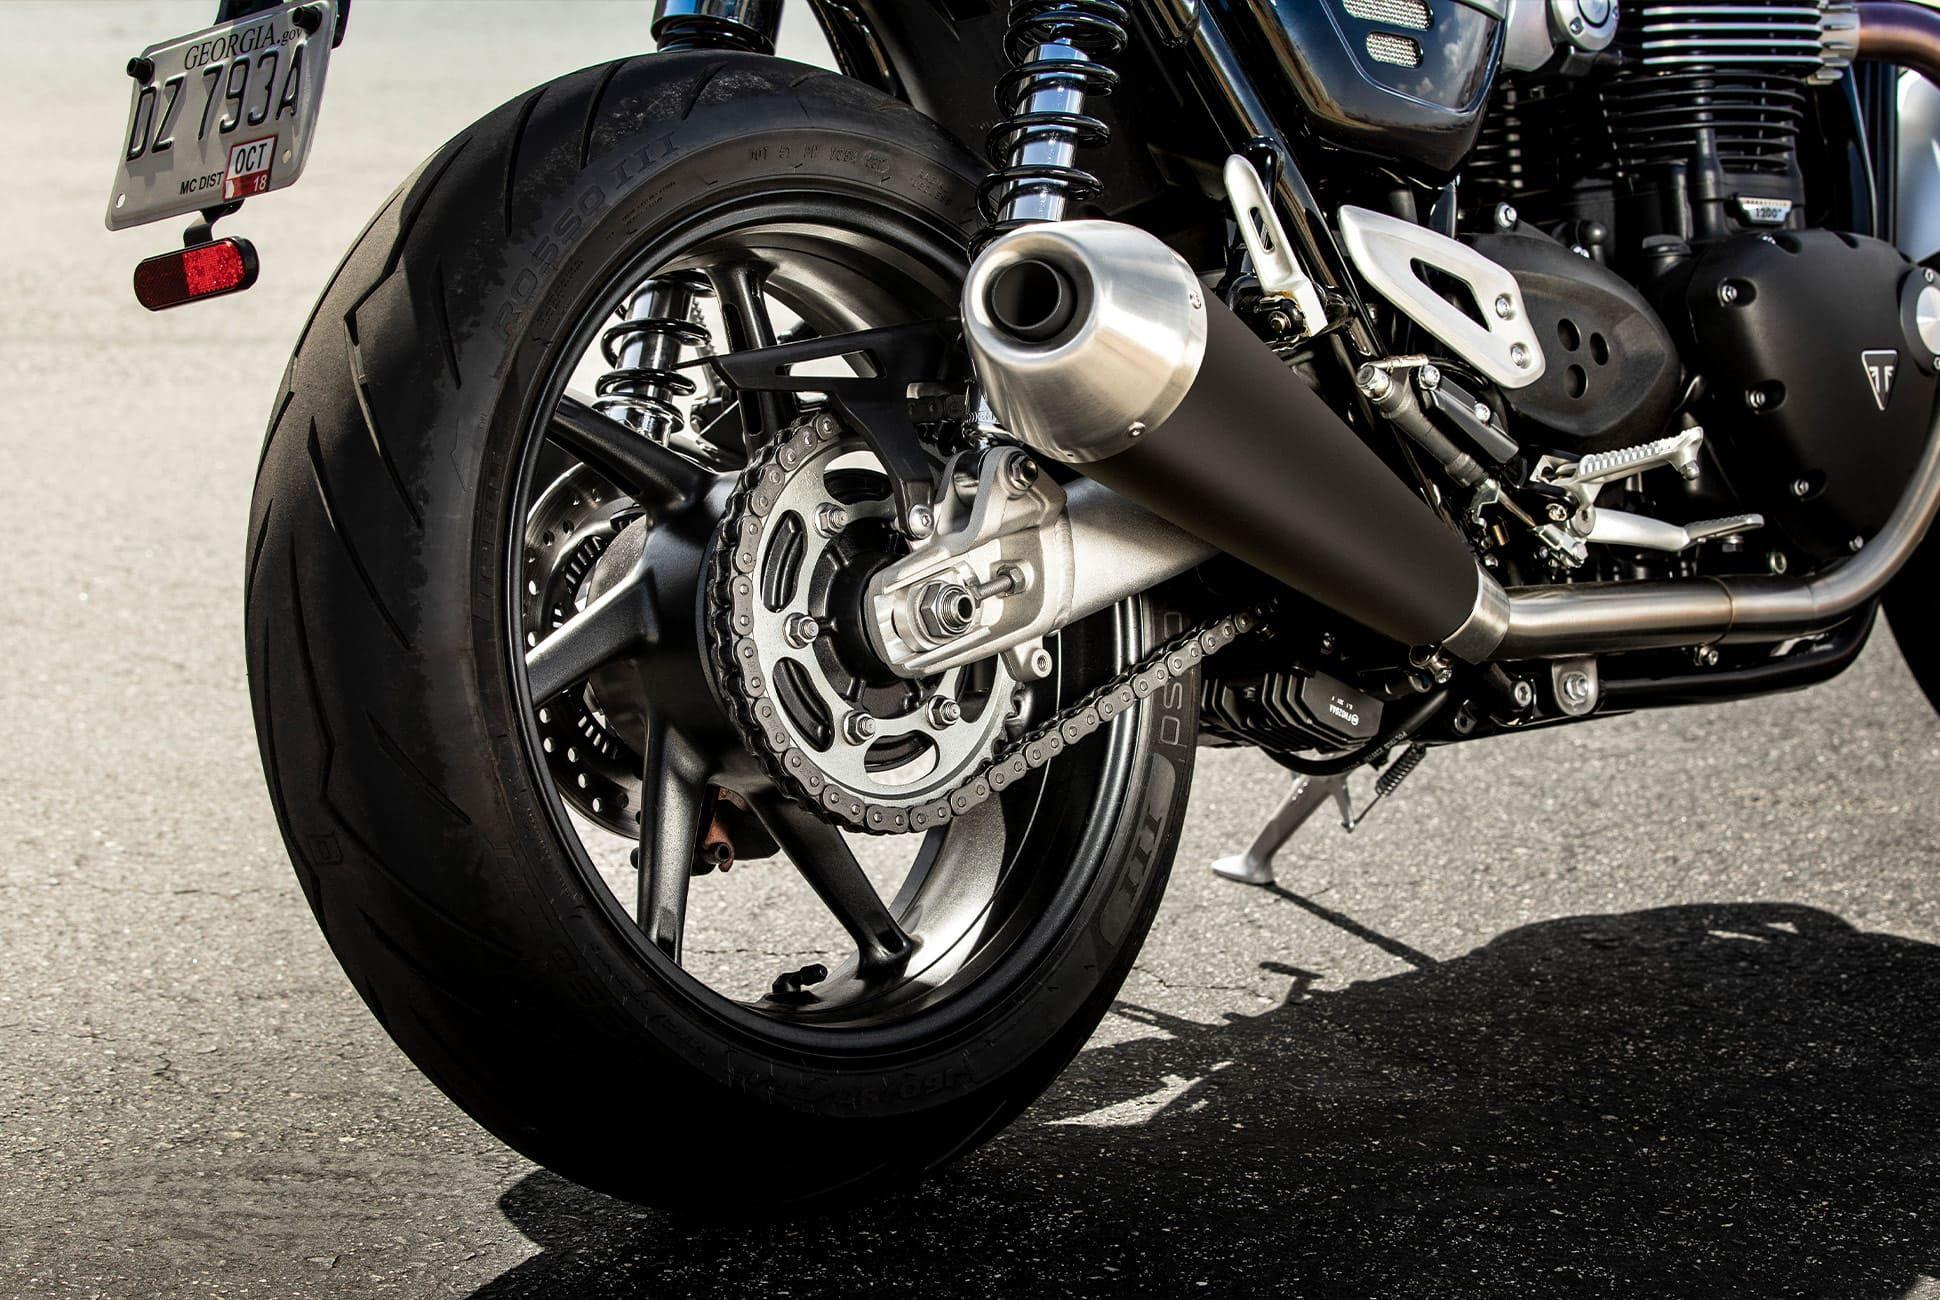 Triumph-Bonneville-Speed-Twin-Gear-Patrol-slide-9